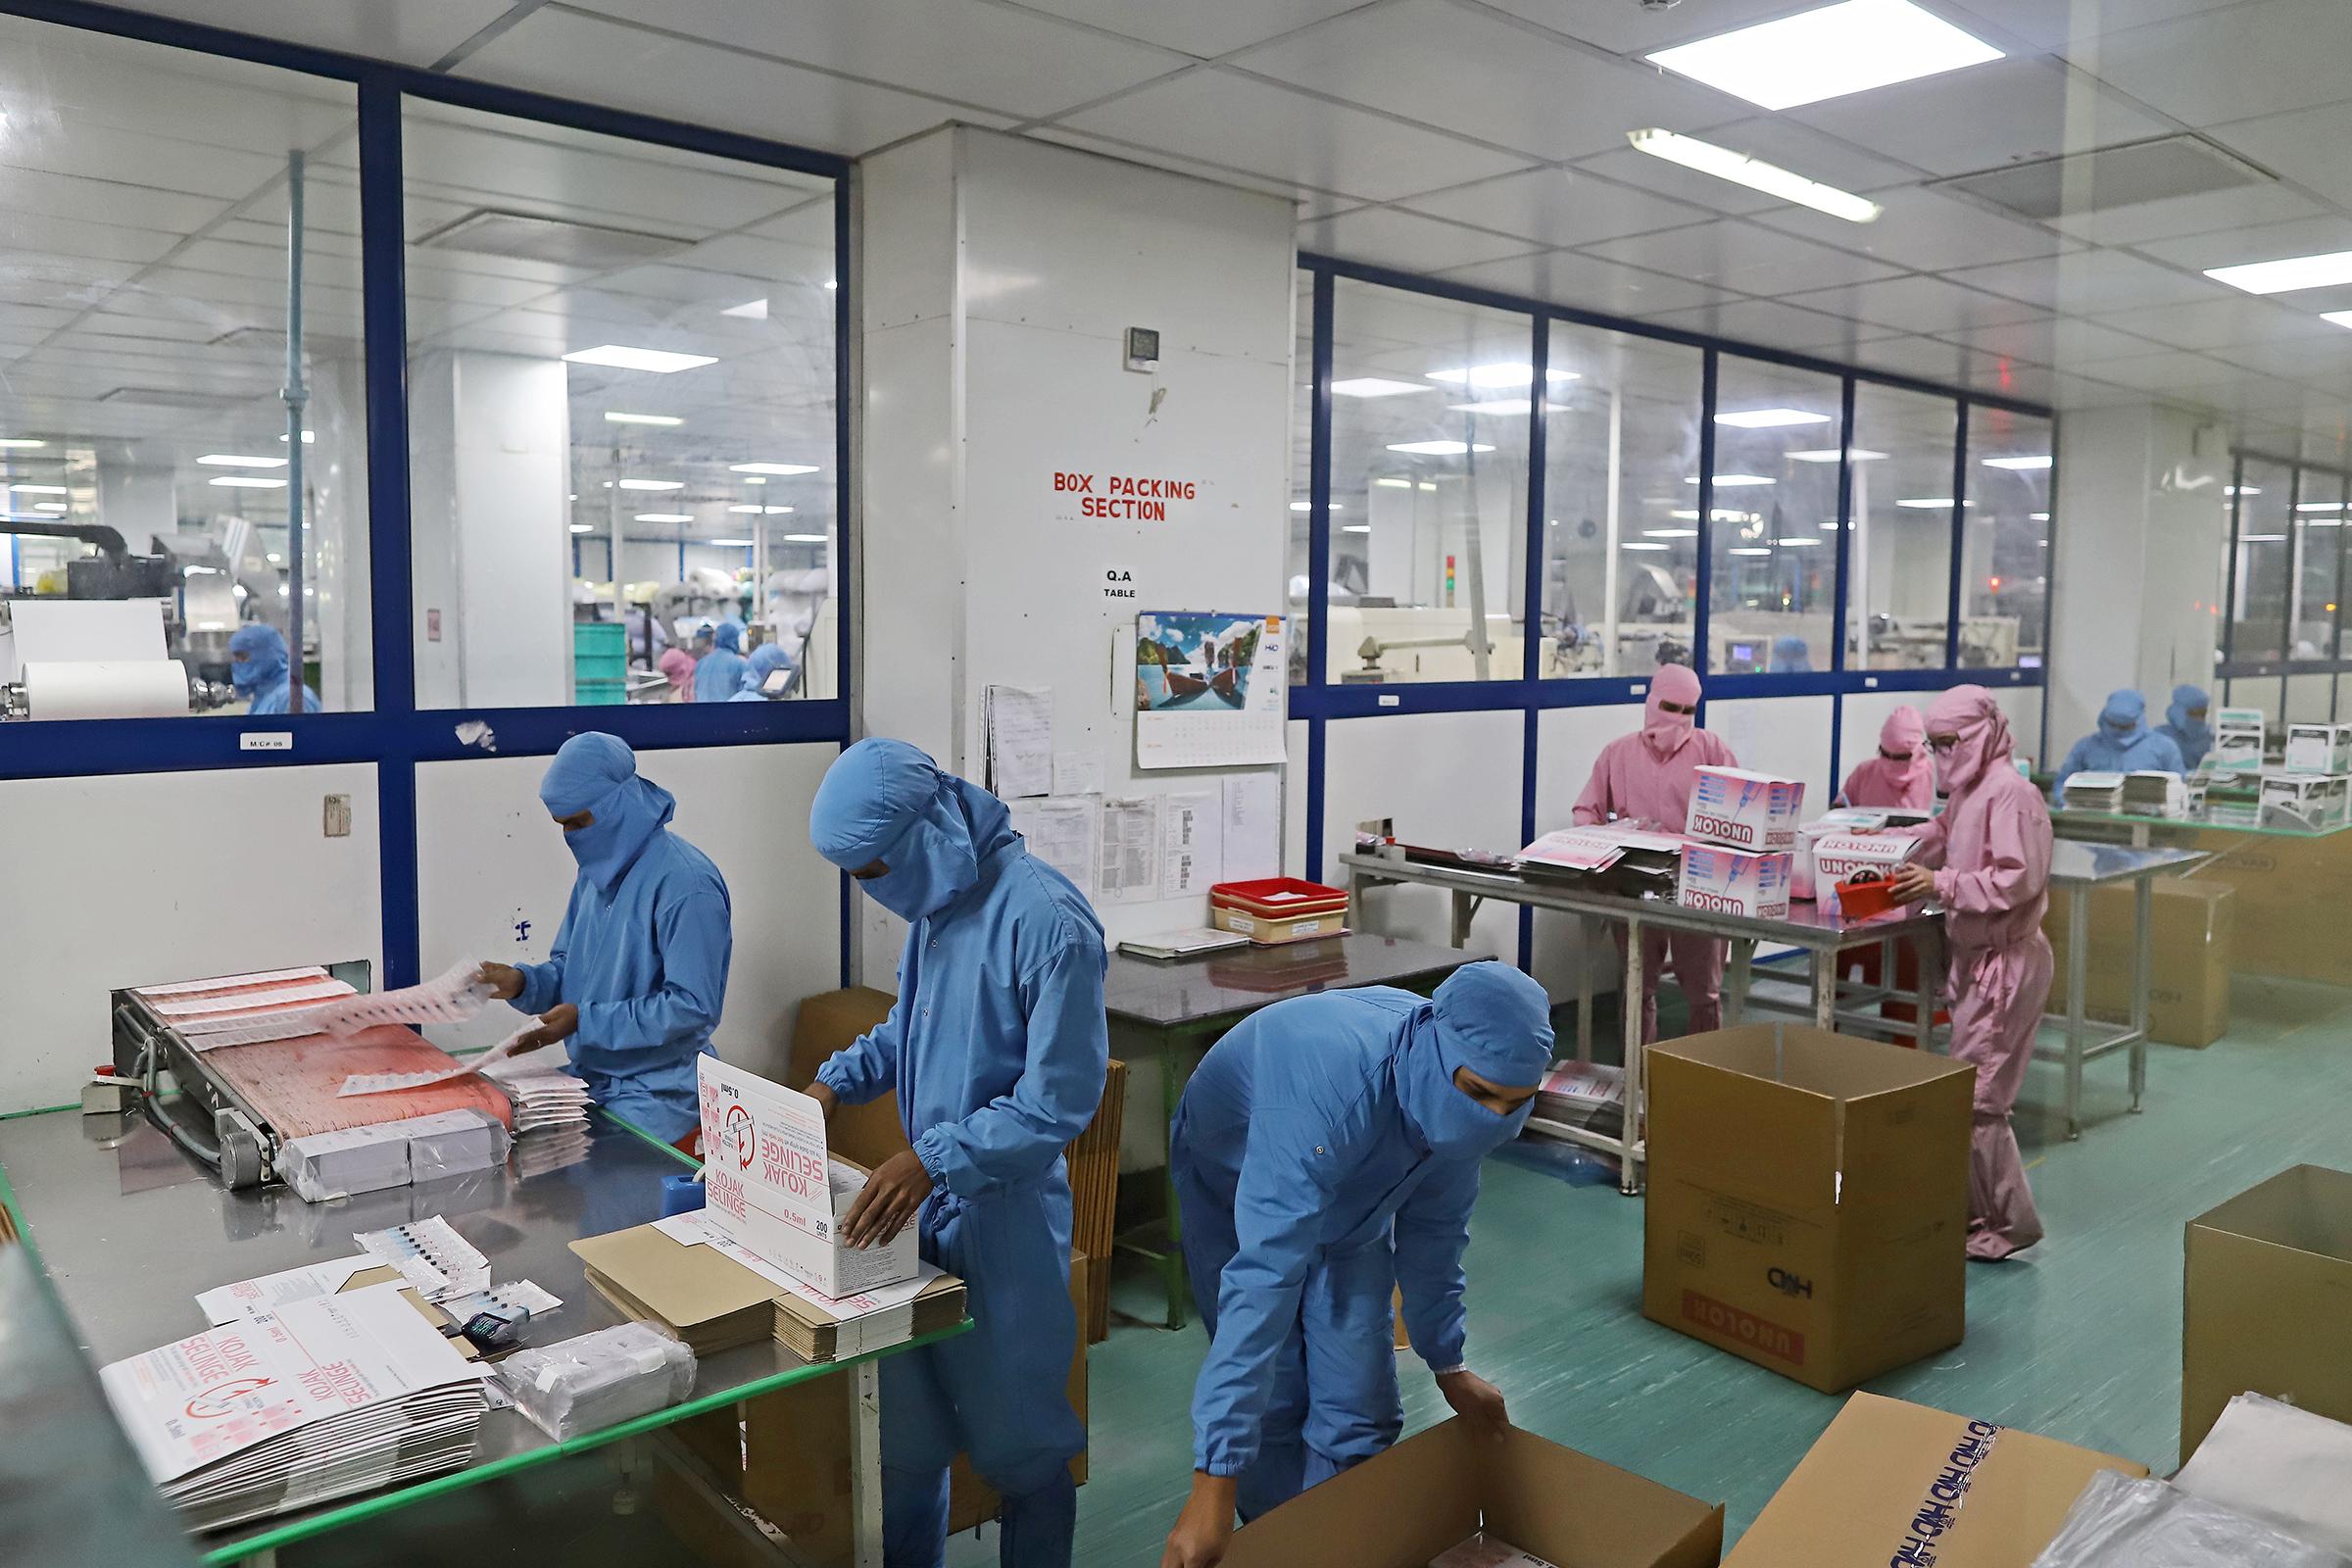 พนักงานบรรจุกล่องเข็มฉีดยาในสายการผลิตที่โรงงาน Hindustan Syringes and Medical Devices Ltd. ใน Faridabad รัฐ Haryana เมื่อวันที่ 11 มีนาคม